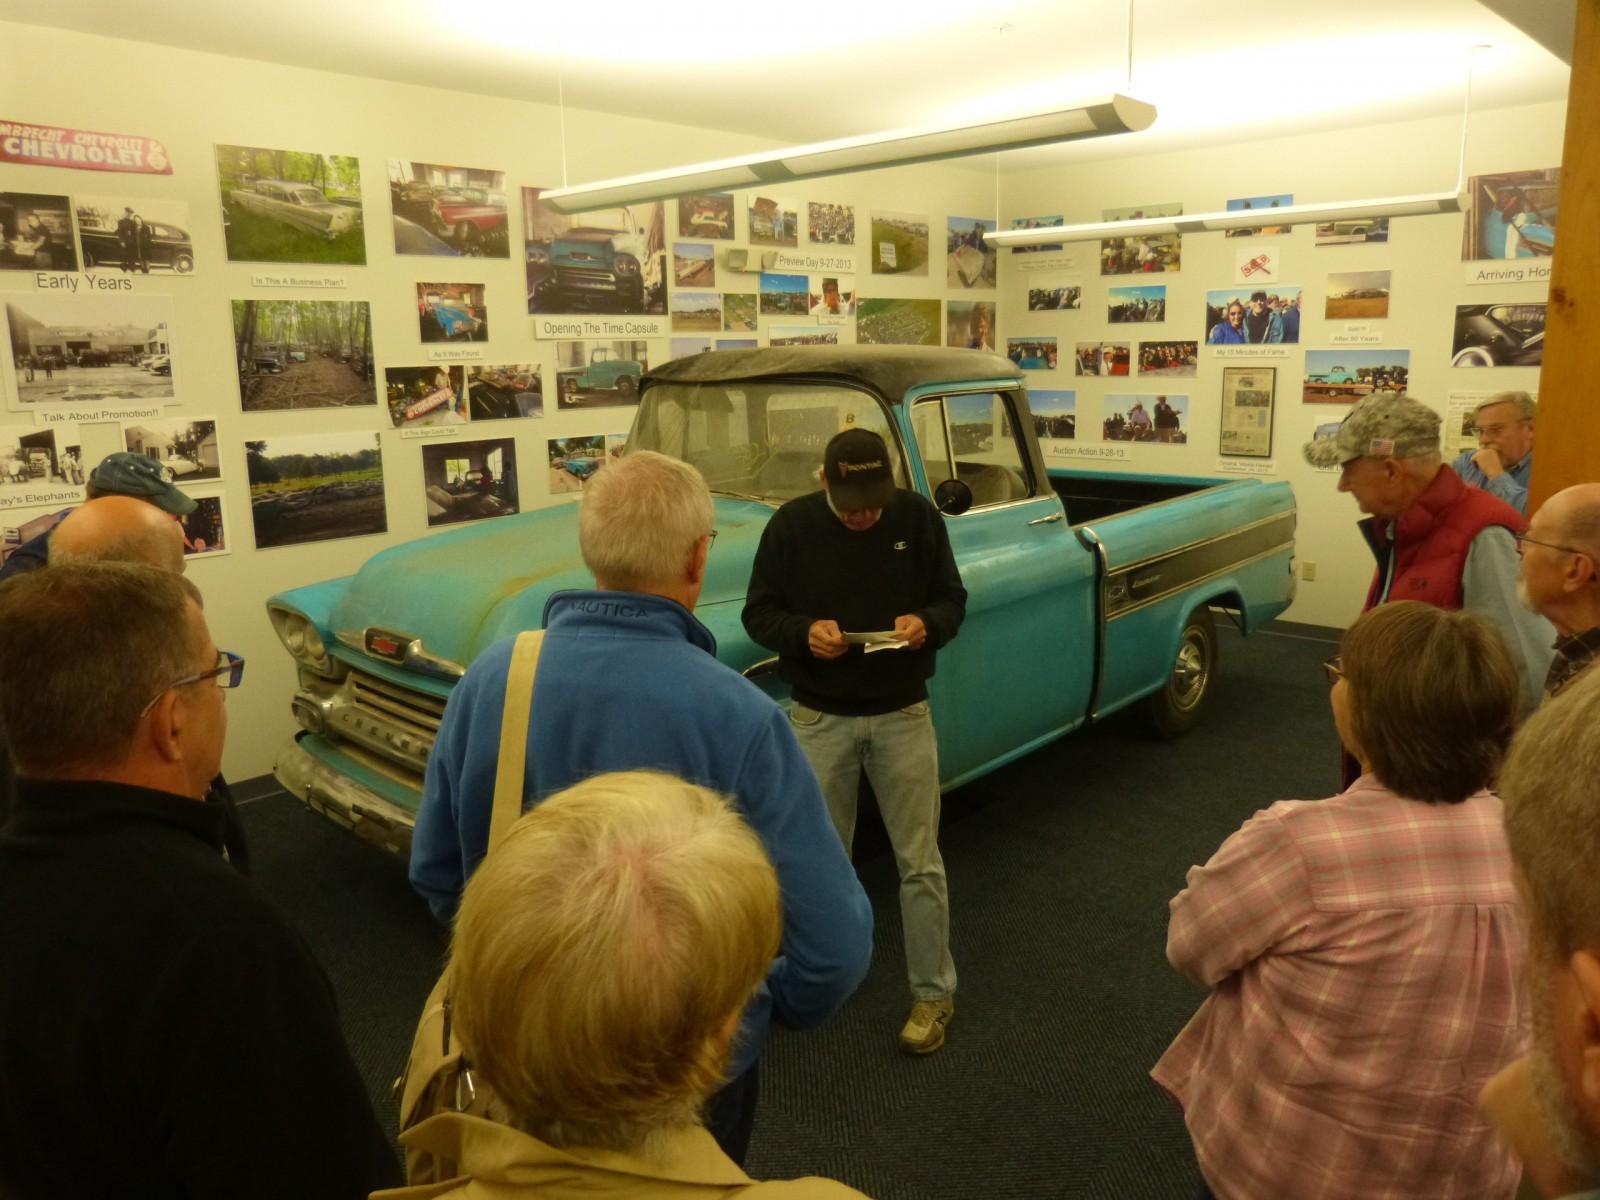 Revisiting The Epic Lambrecht Chevrolet Auction